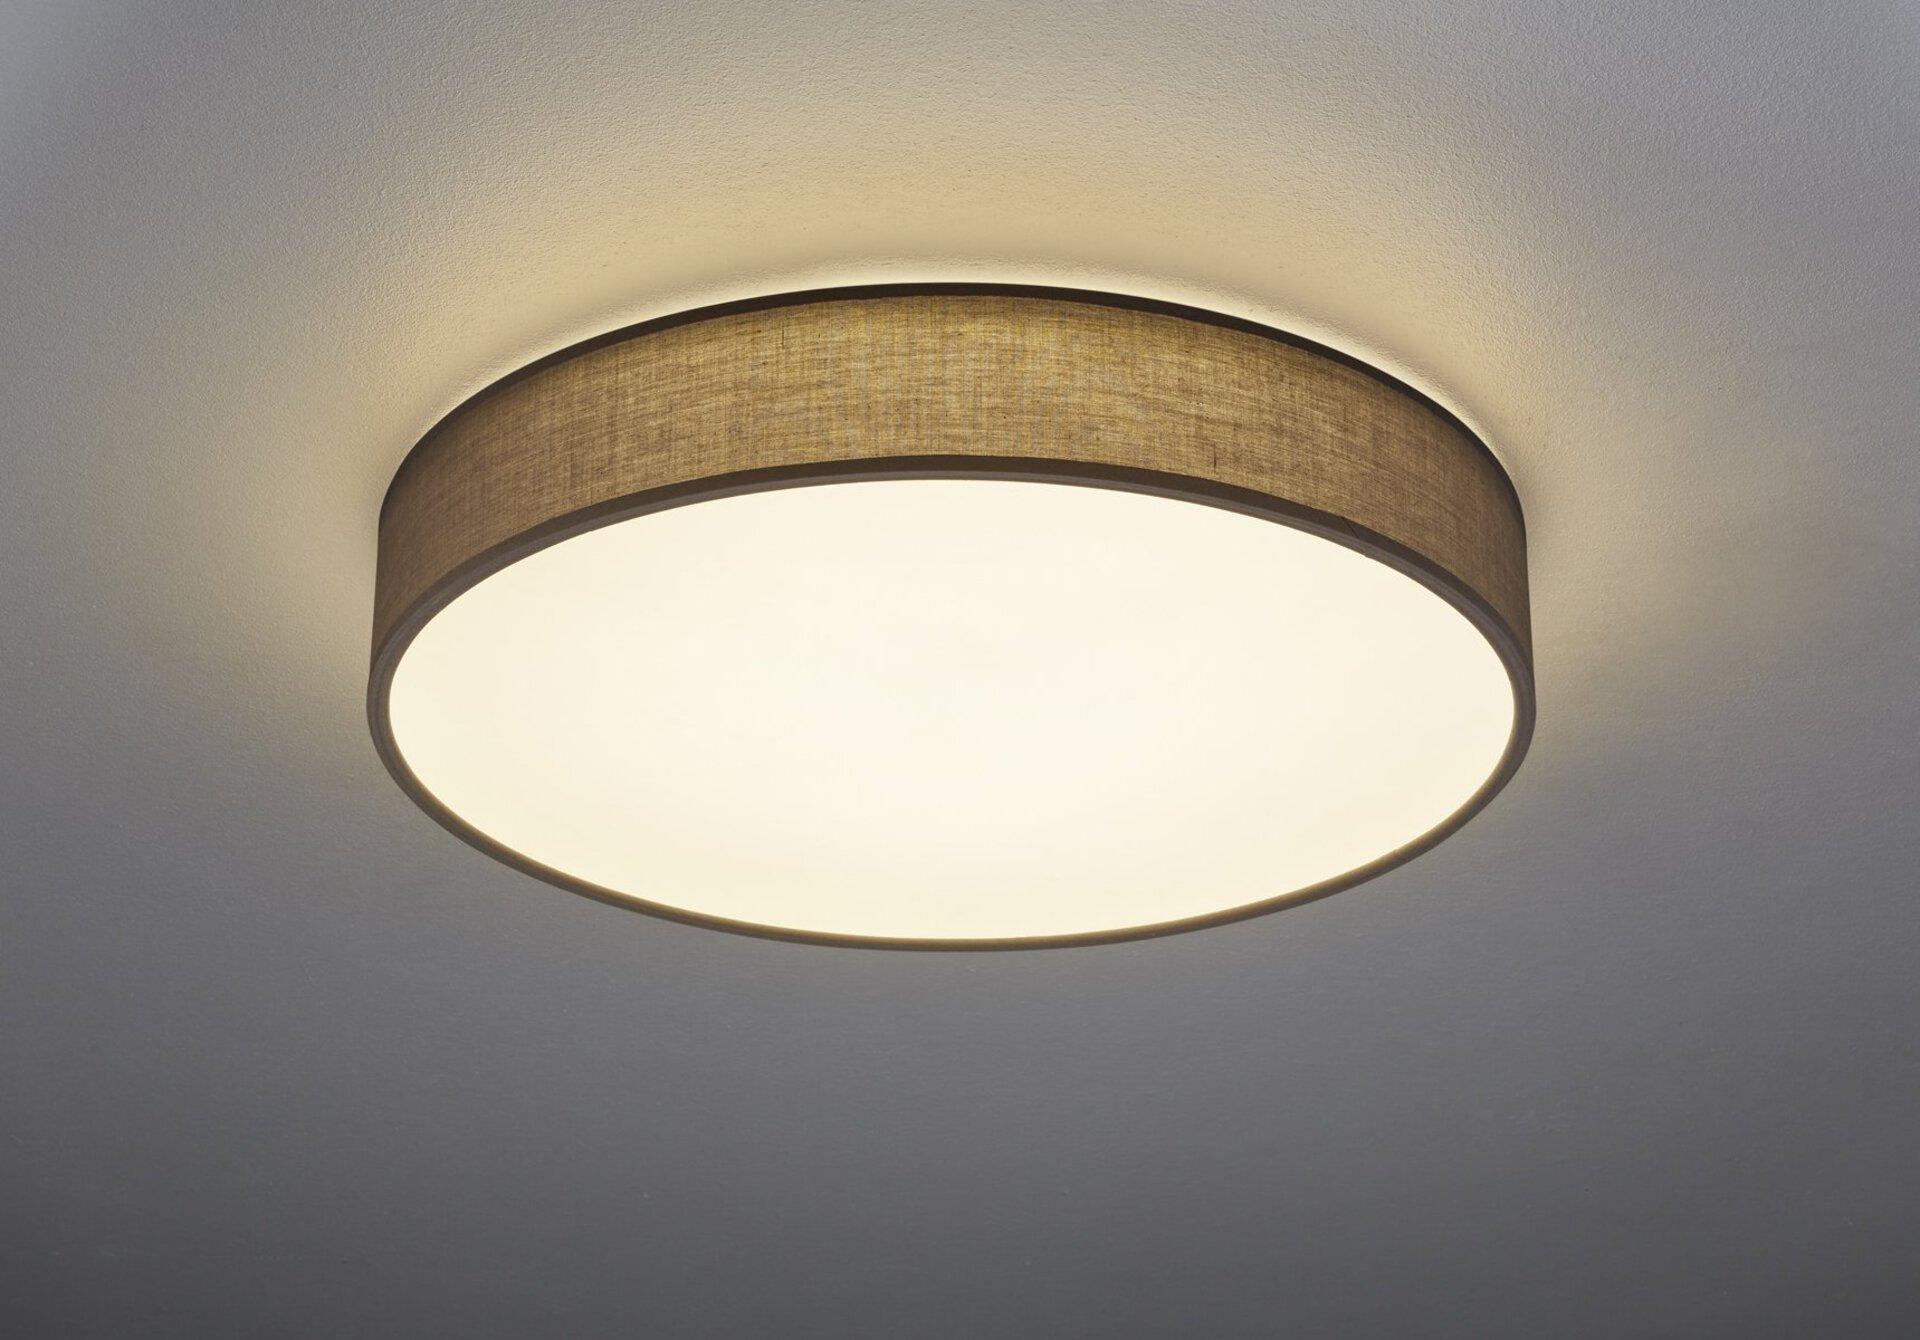 Deckenleuchte Lugano Trio Leuchten Metall 60 x 10 x 60 cm